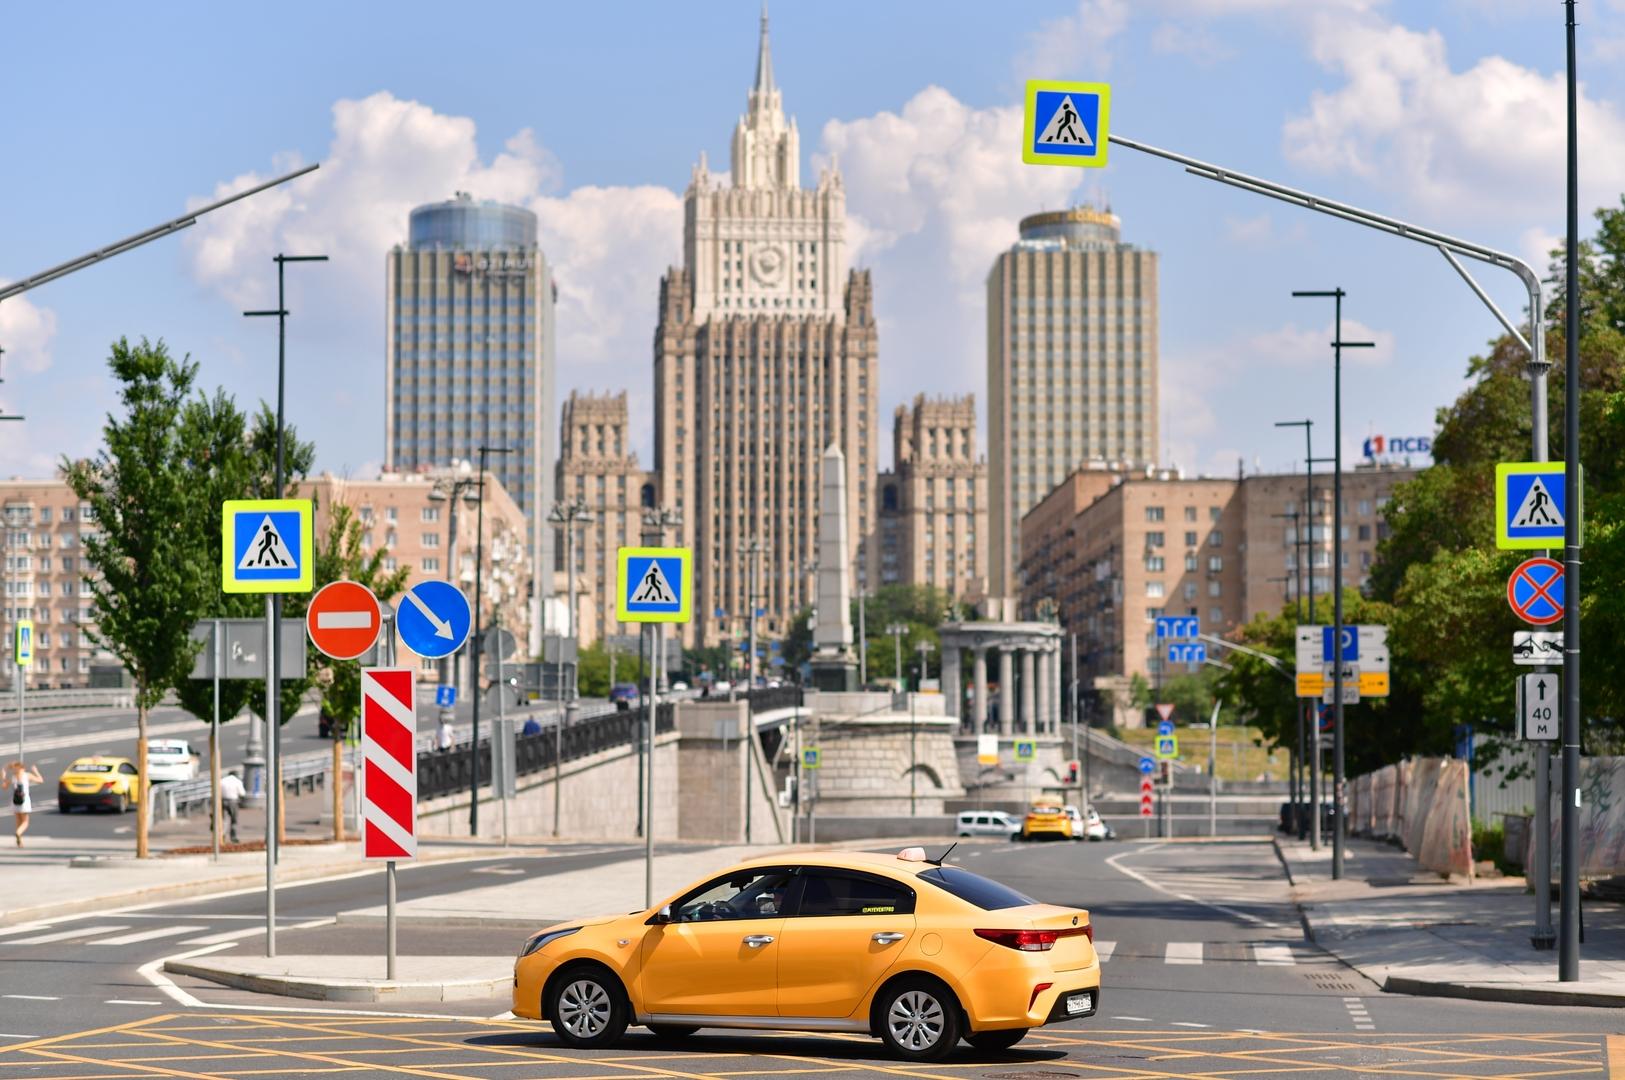 الخارجية الروسية تعد بالرد على طرد دبلوماسي روسي من مقدونيا الشمالية